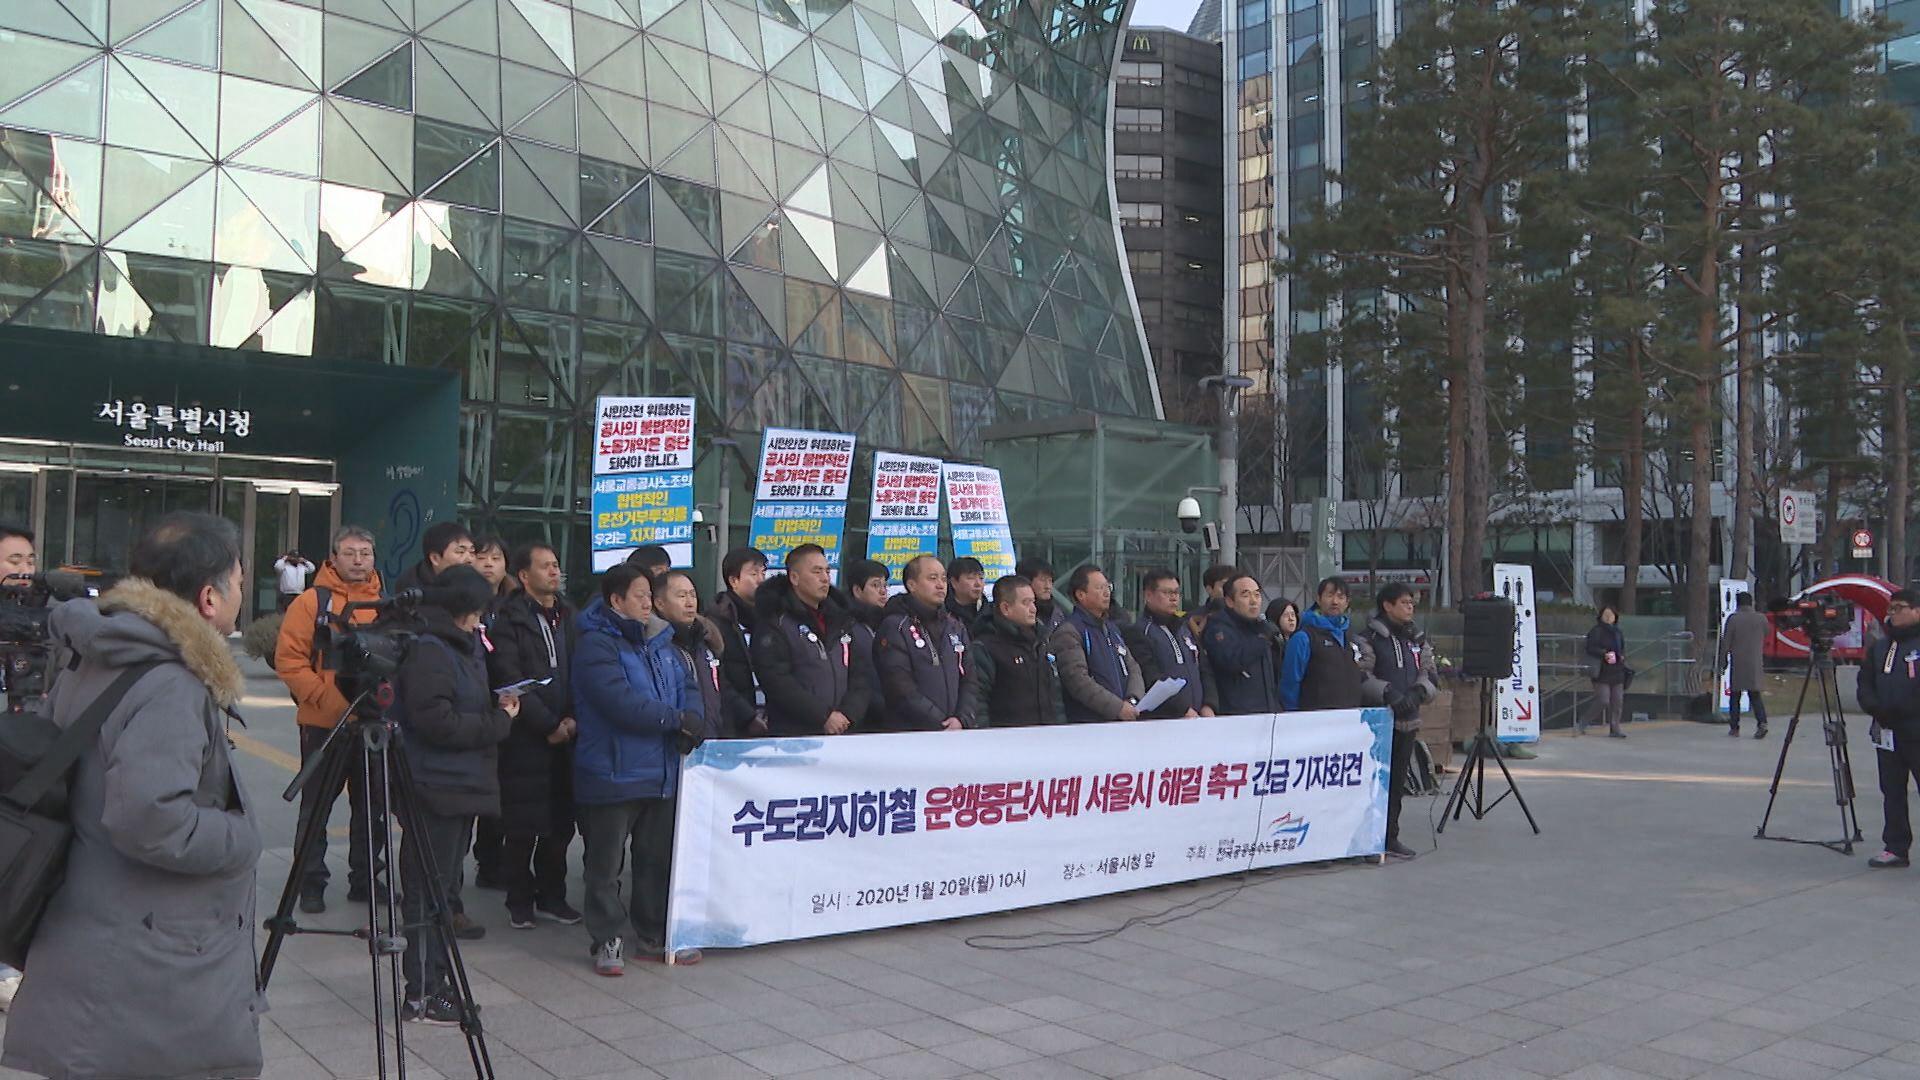 서울교통공사,'승무시간 12분 연장' 잠정 중단